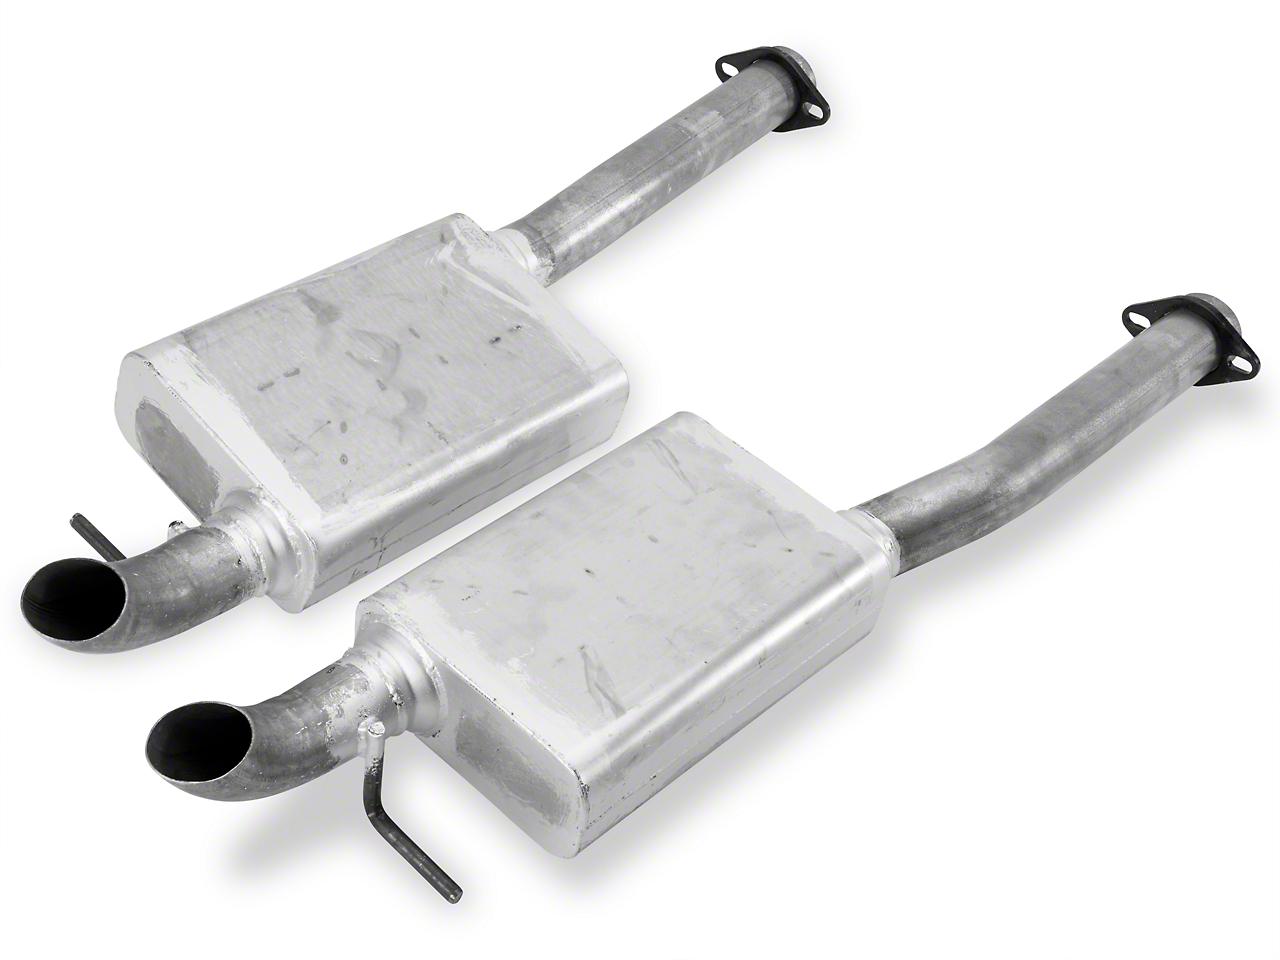 MAC Pro Dump Catback Exhaust (79-93 5.0L)